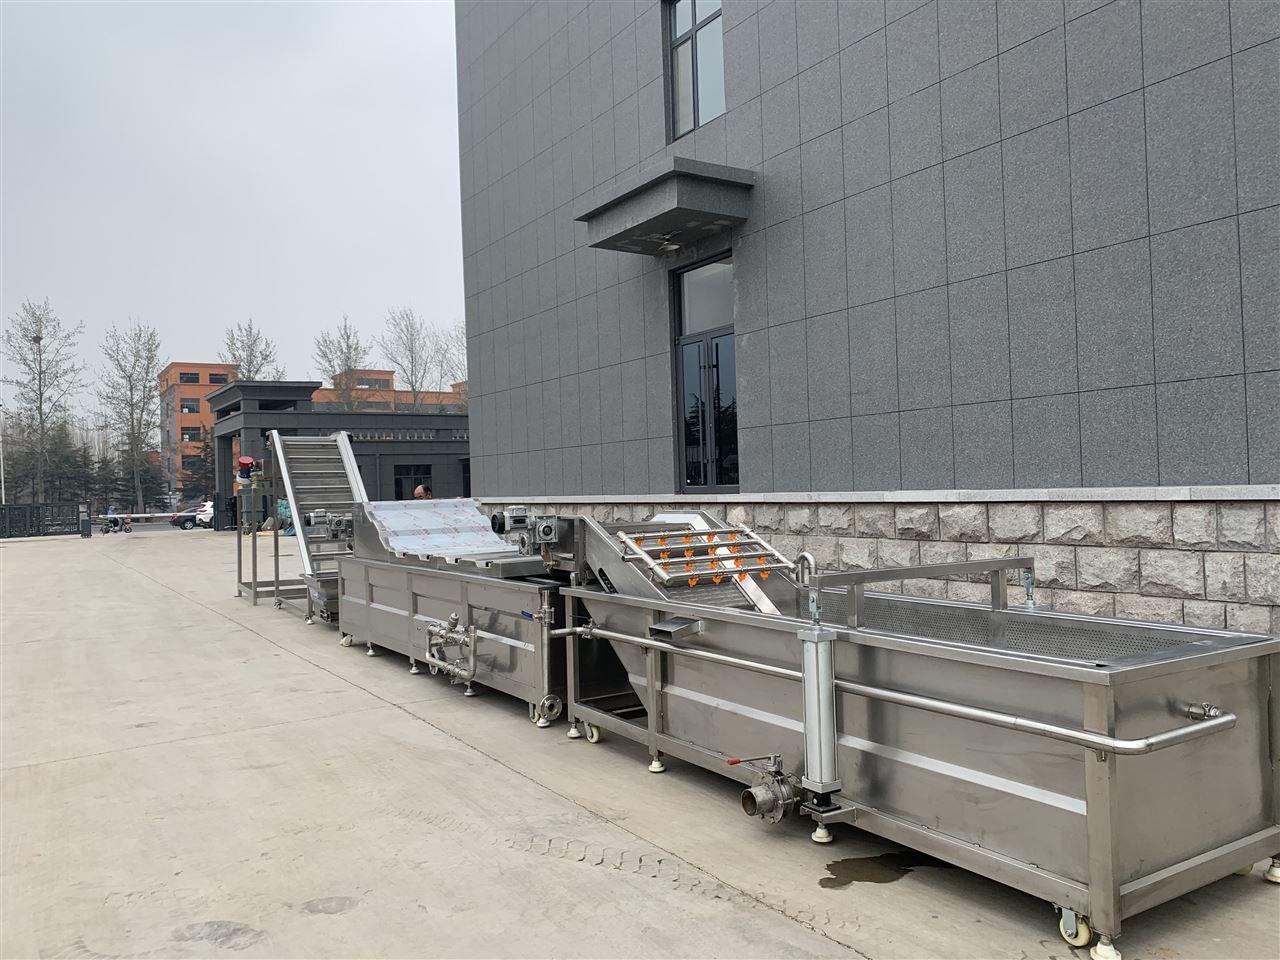 果蔬加工設備為萊蕪客戶安裝完成